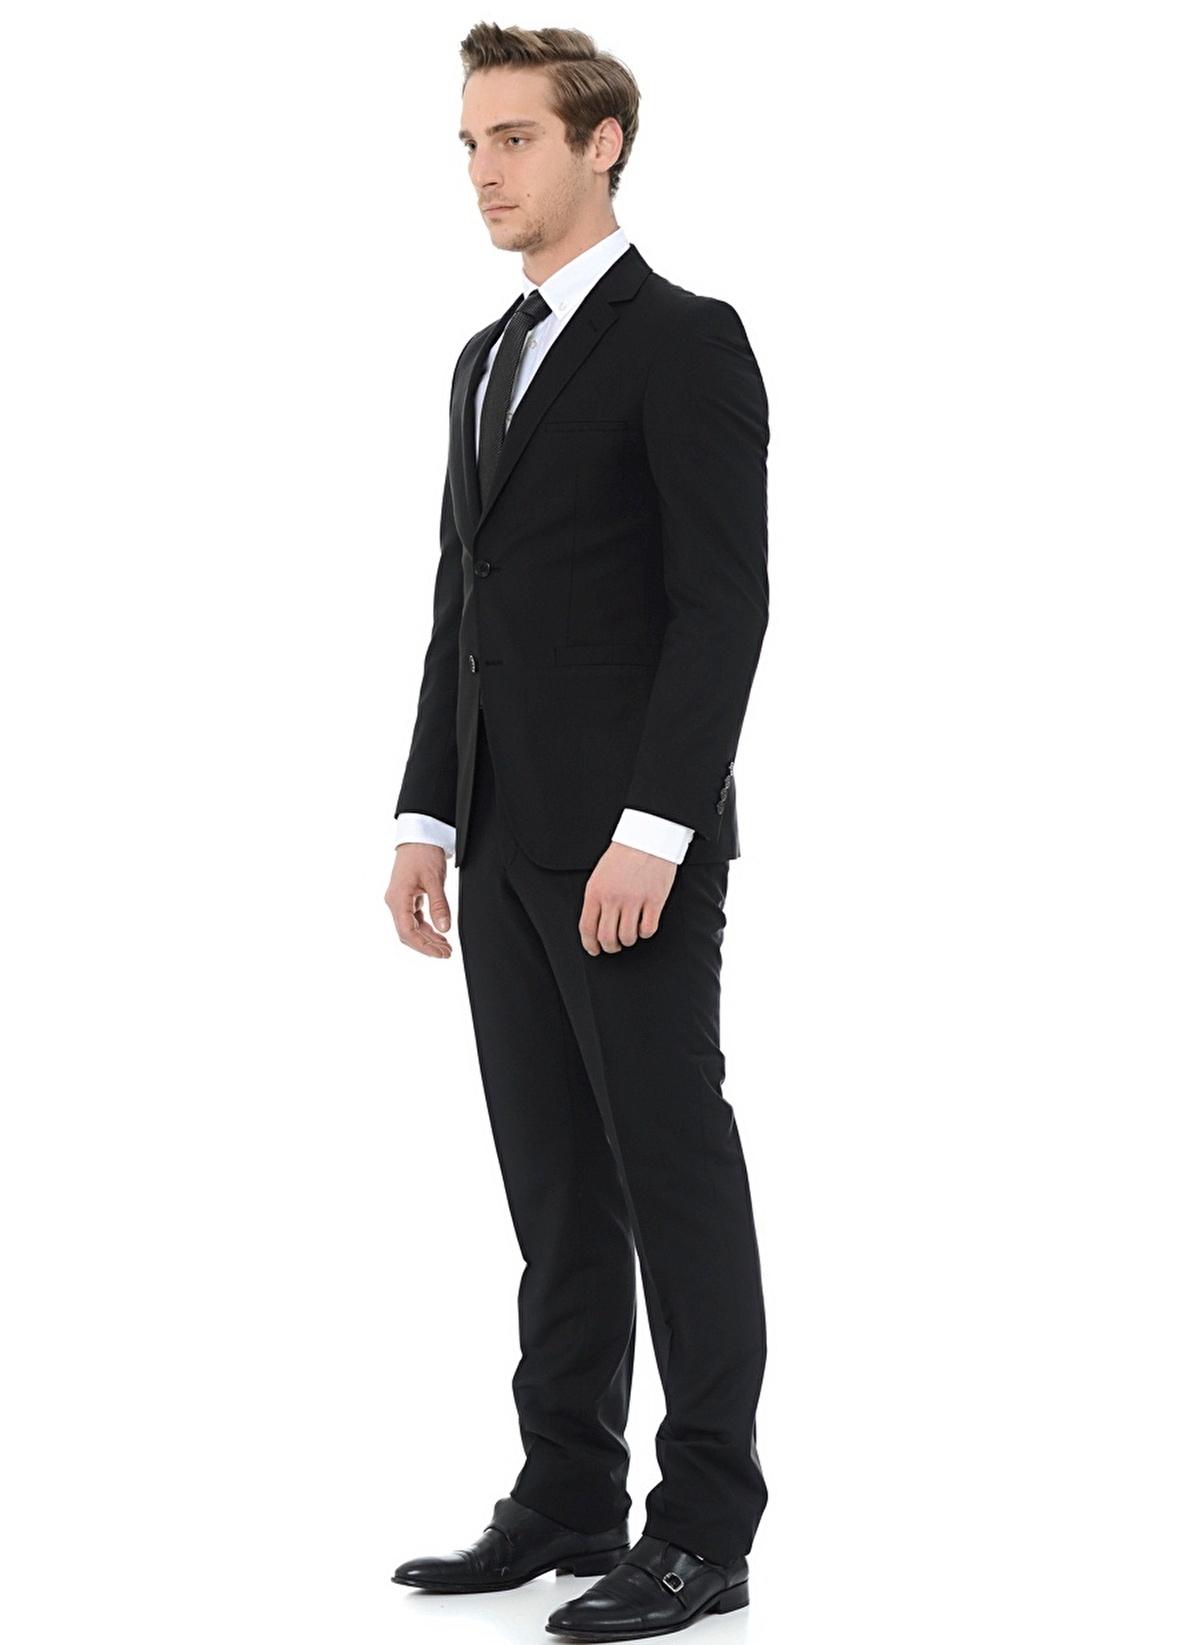 a03579e3dedf5 Altınyıldız Classics Erkek Takım Elbise Siyah | Morhipo | 14860824